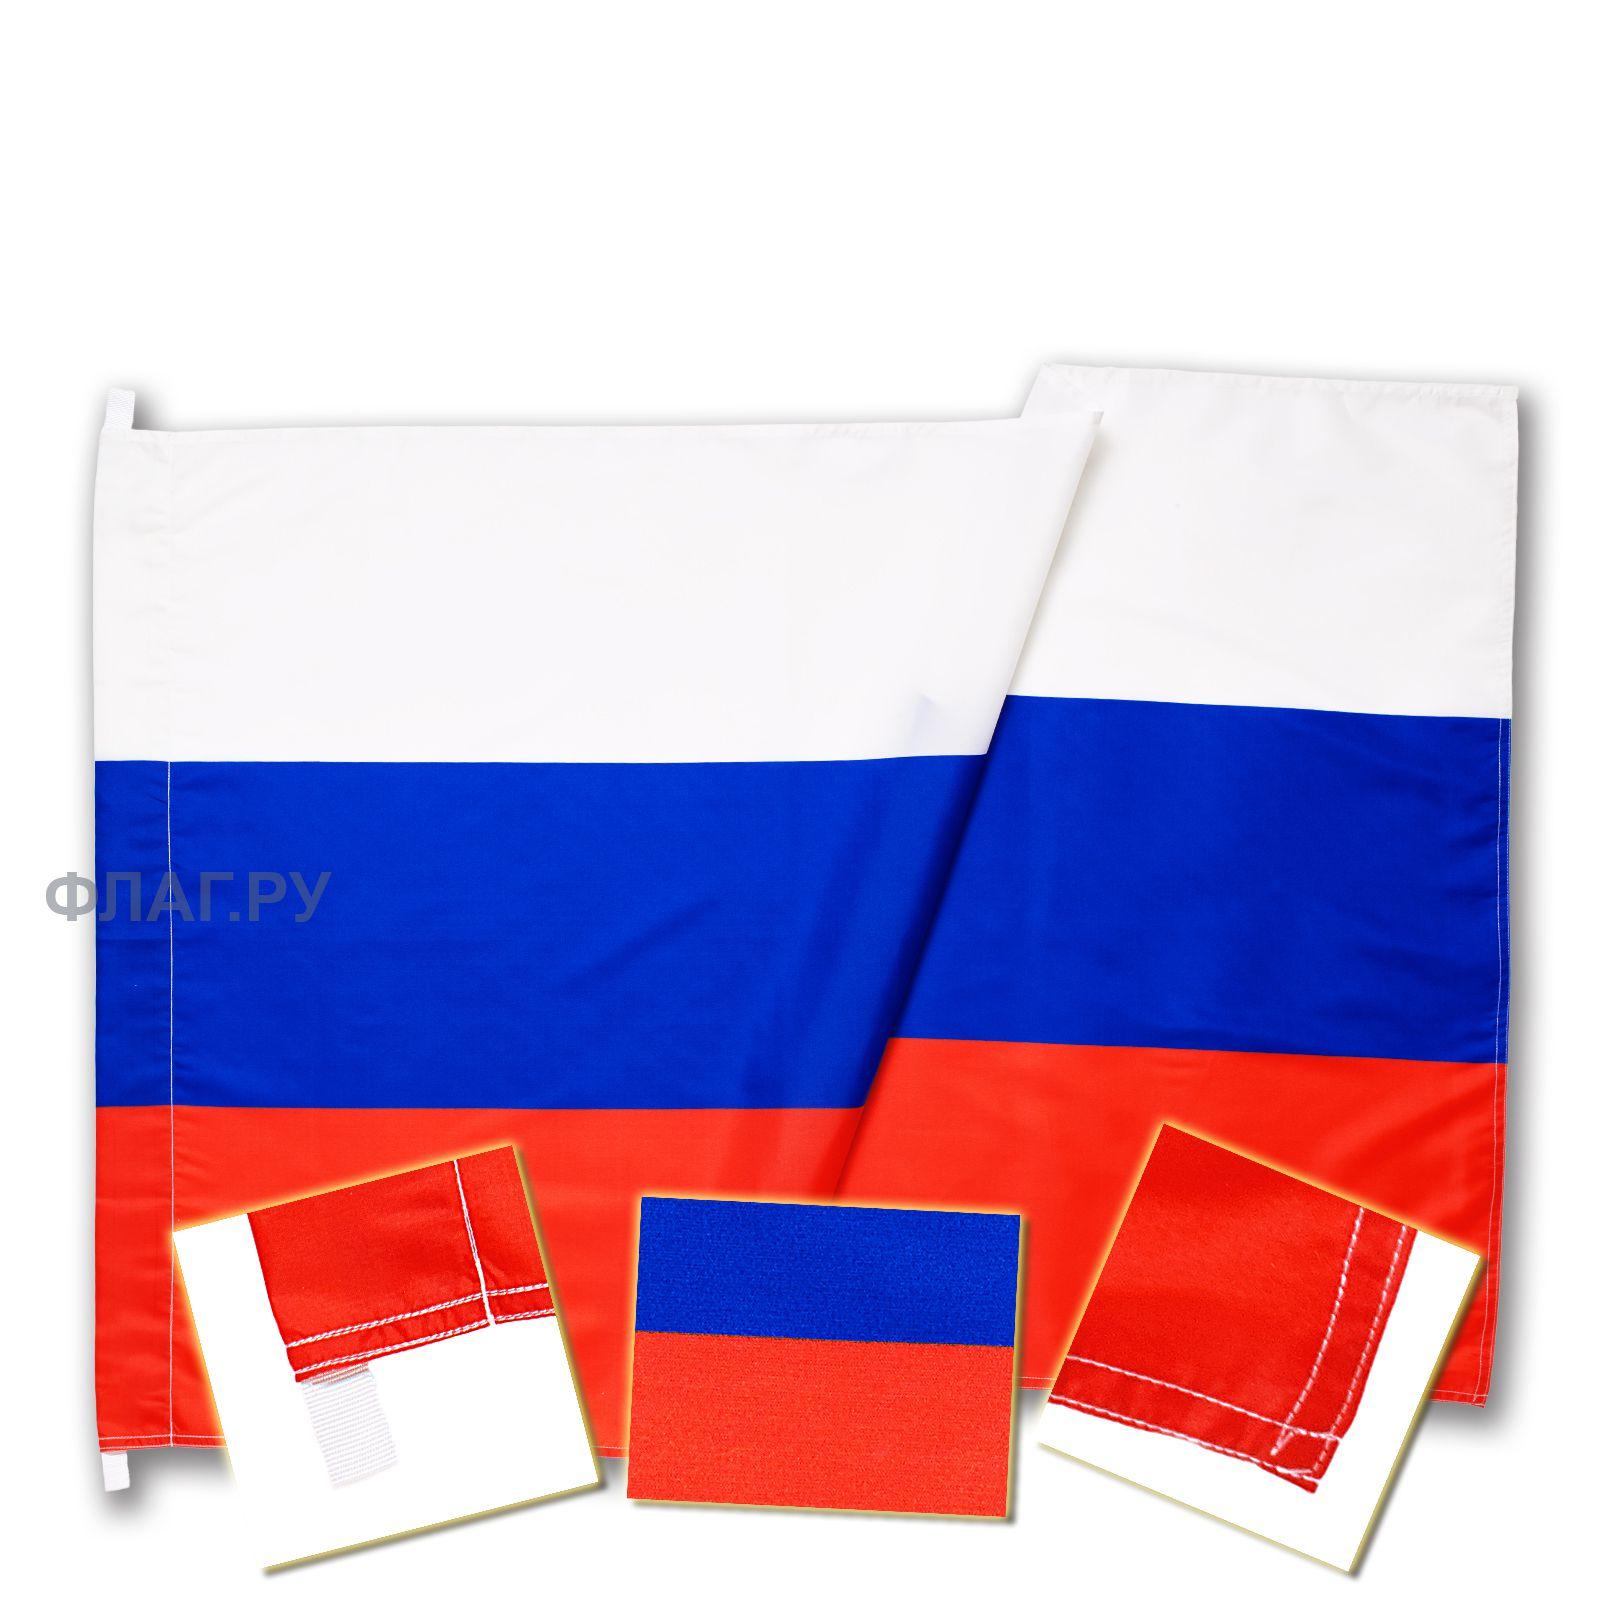 Ткань для флага триколор купить много солнца интернет магазин для декупажа